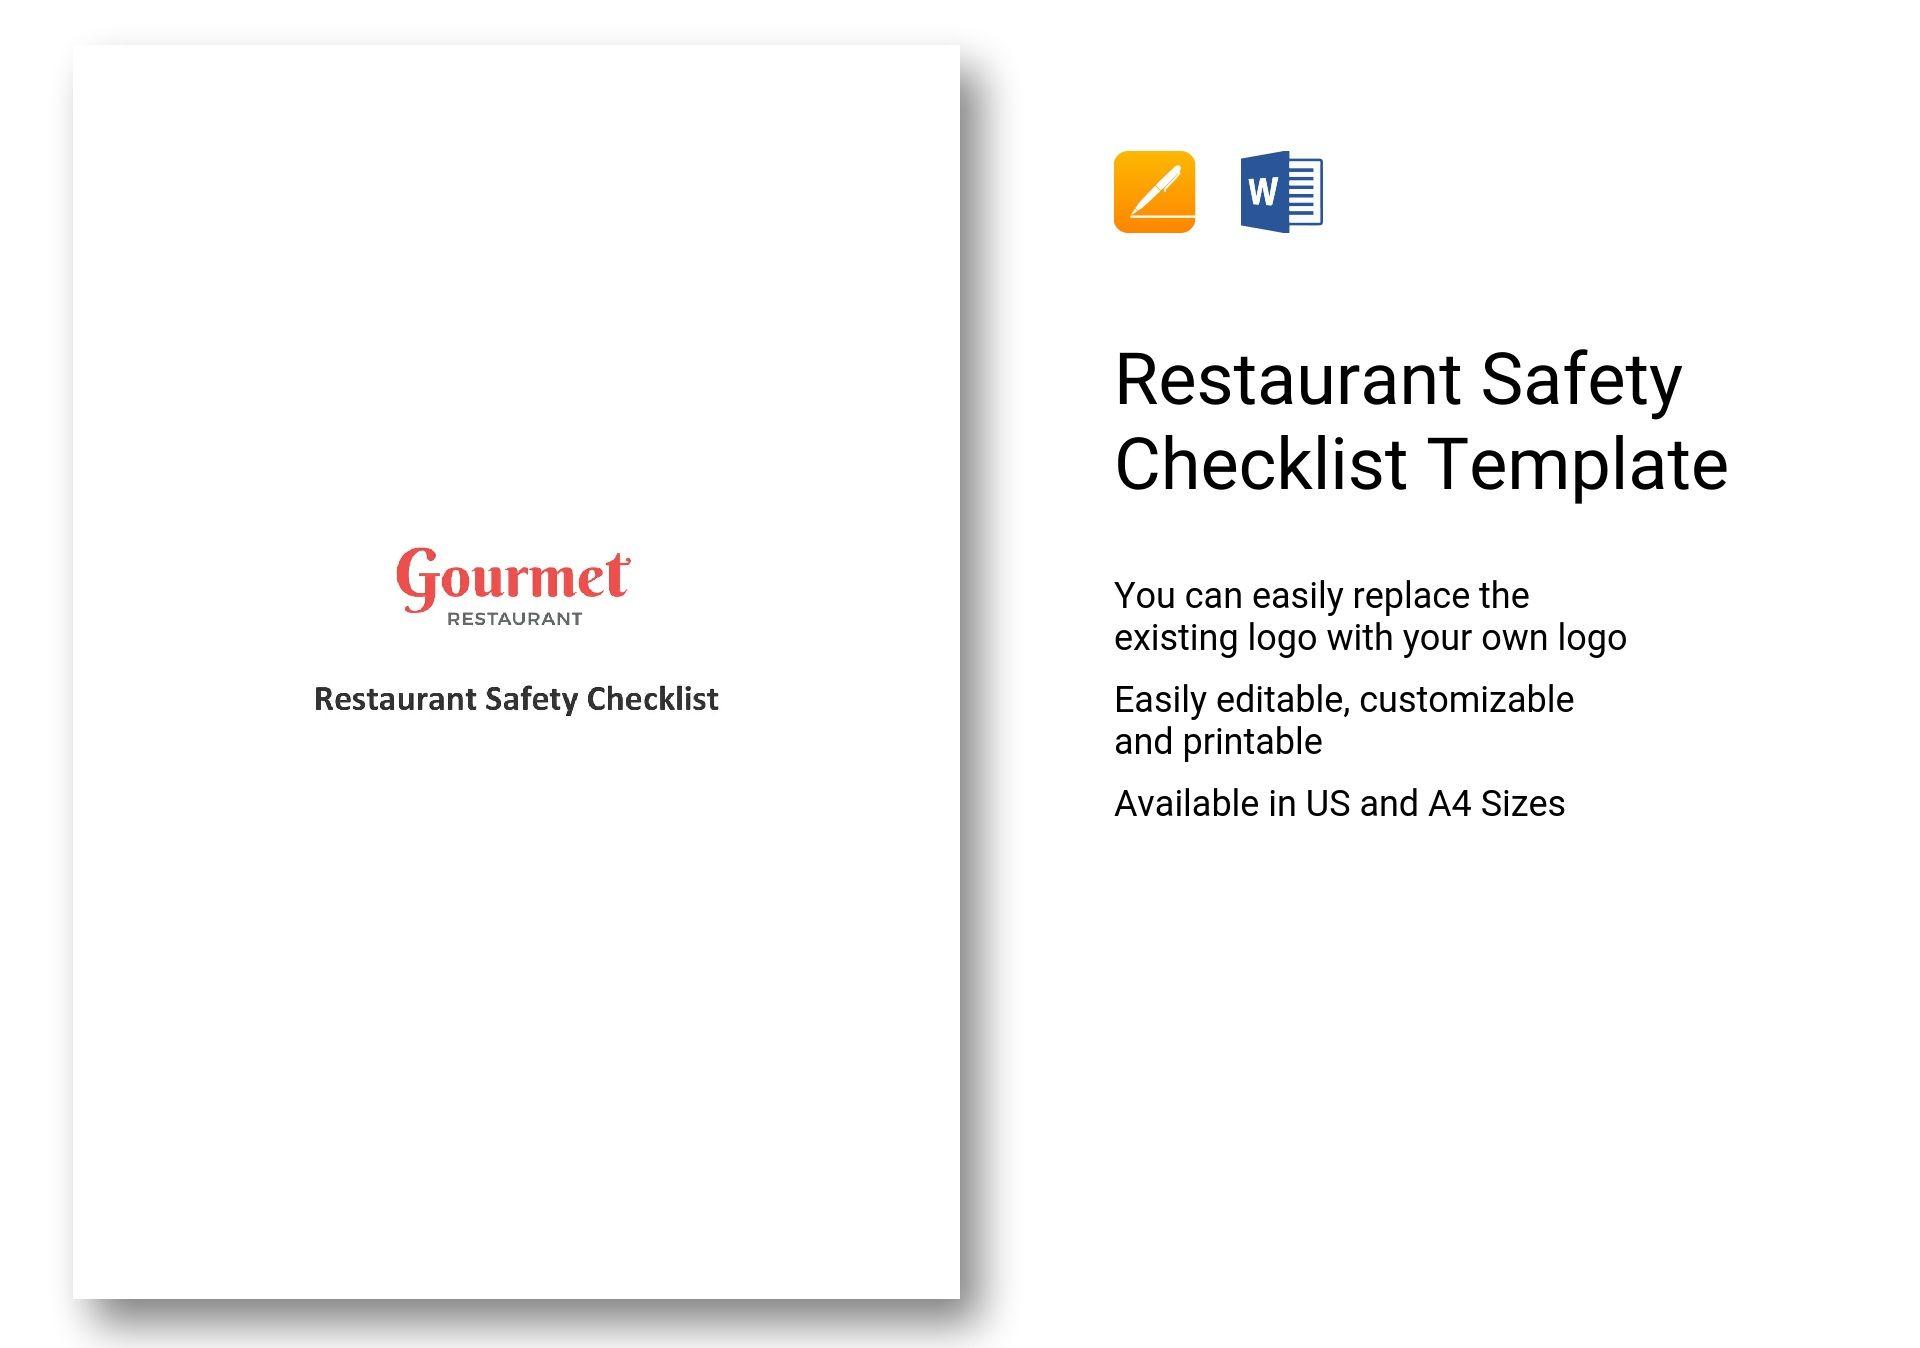 Restaurant Safety Checklist